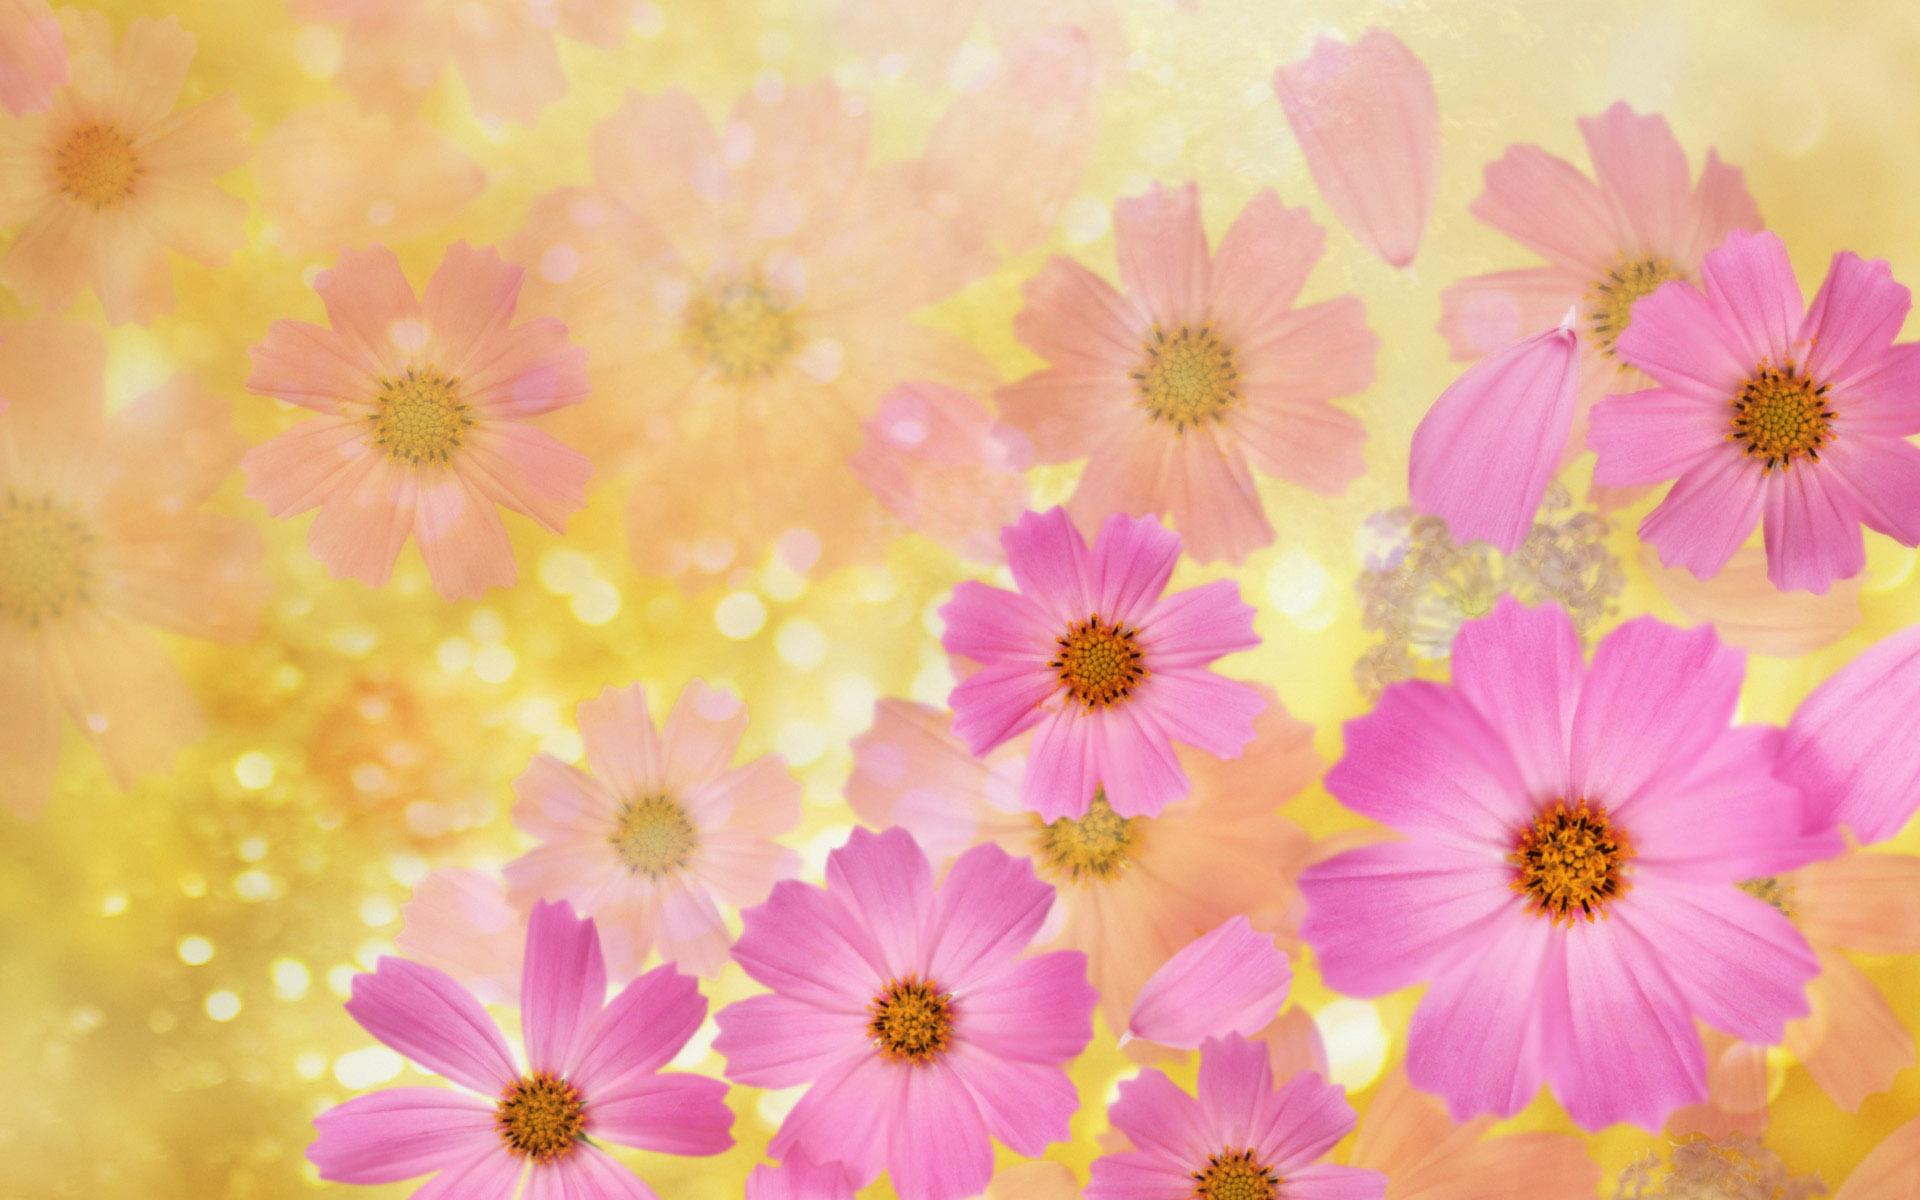 设计常用的花朵高清背景图片ps素材(32p)[中